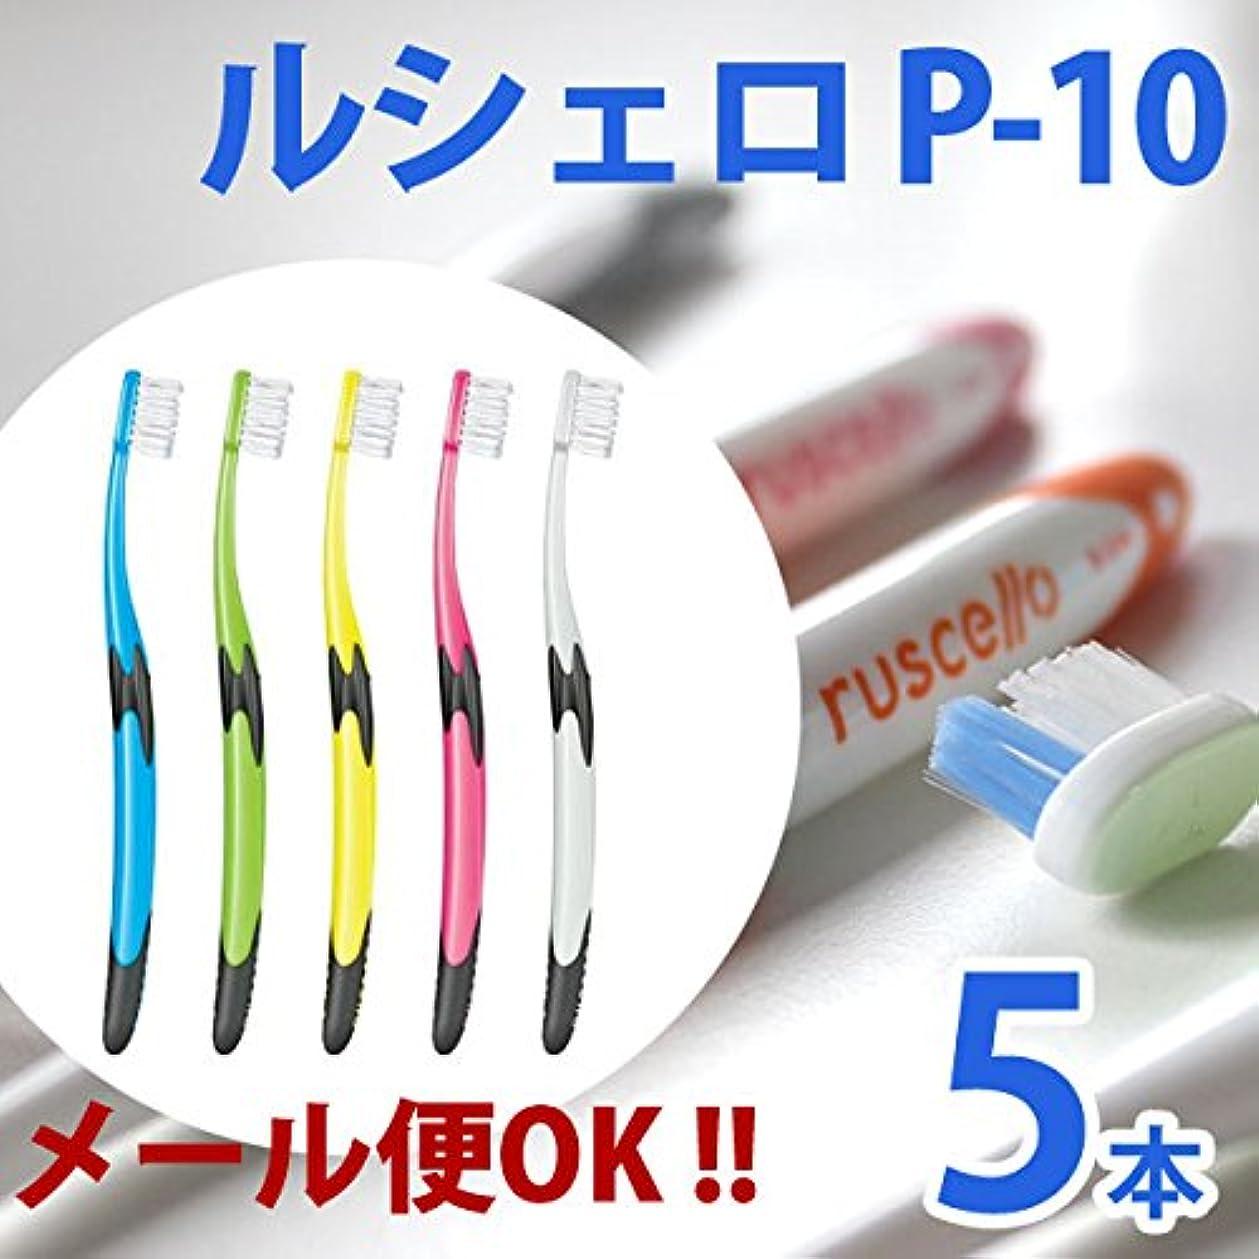 ウェーハ丁寧あなたはルシェロ GCシェロ 歯ブラシP-10 5色アソート 5本セット 歯周疾患の方向け。極細のテーパー毛が Sやわらかめ